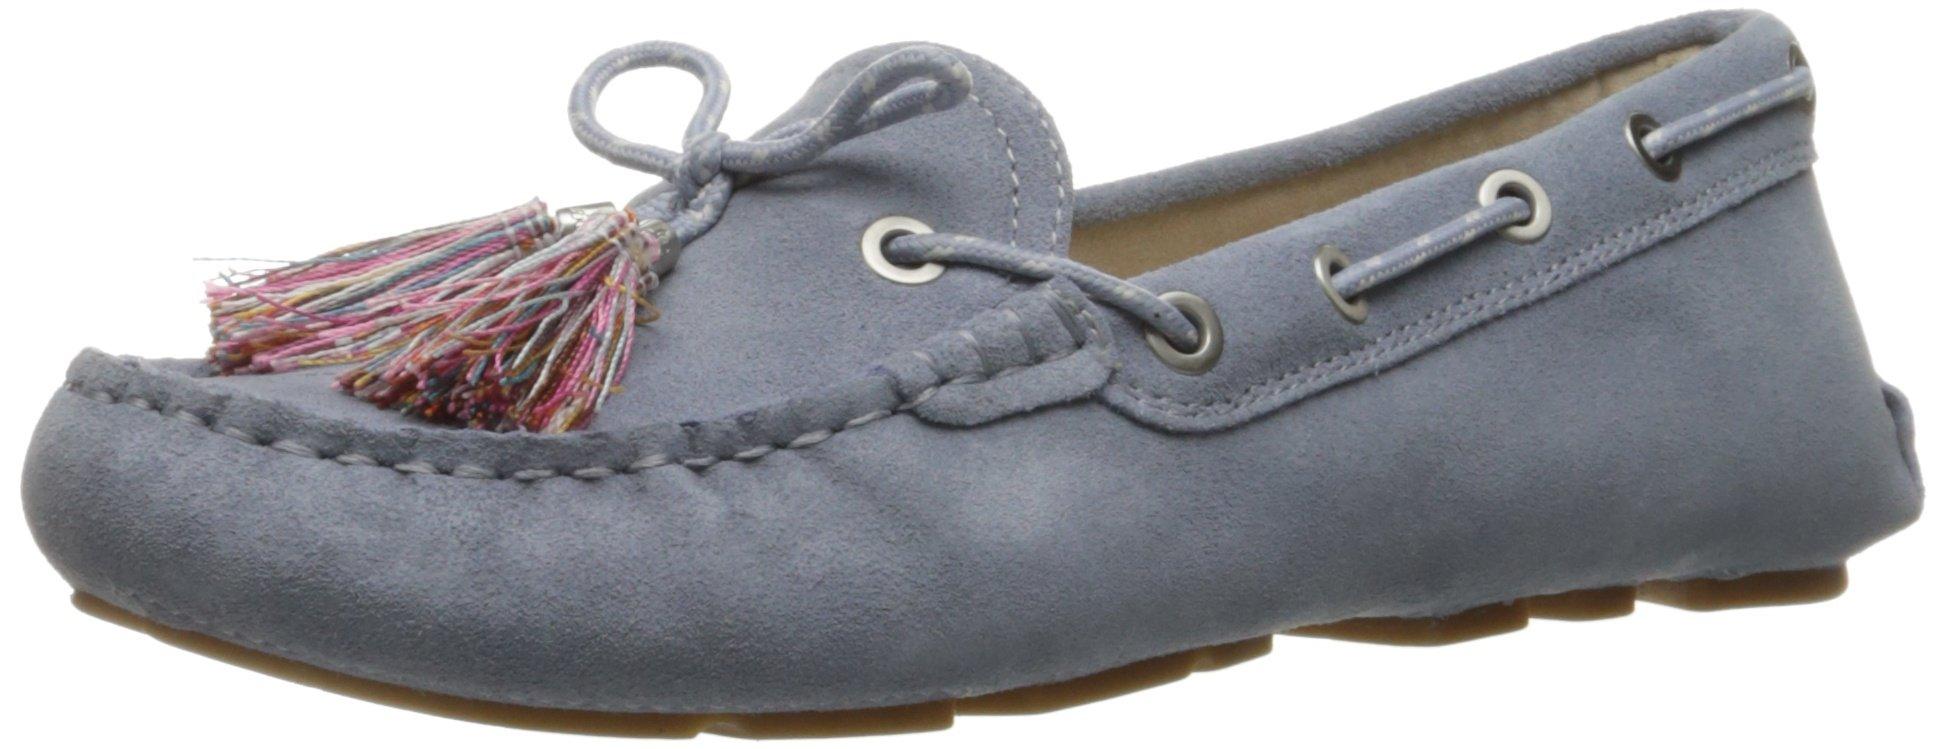 Sam Edelman Women's Fantine Boat Shoe, Dusty Blue Suede, 7.5 M US